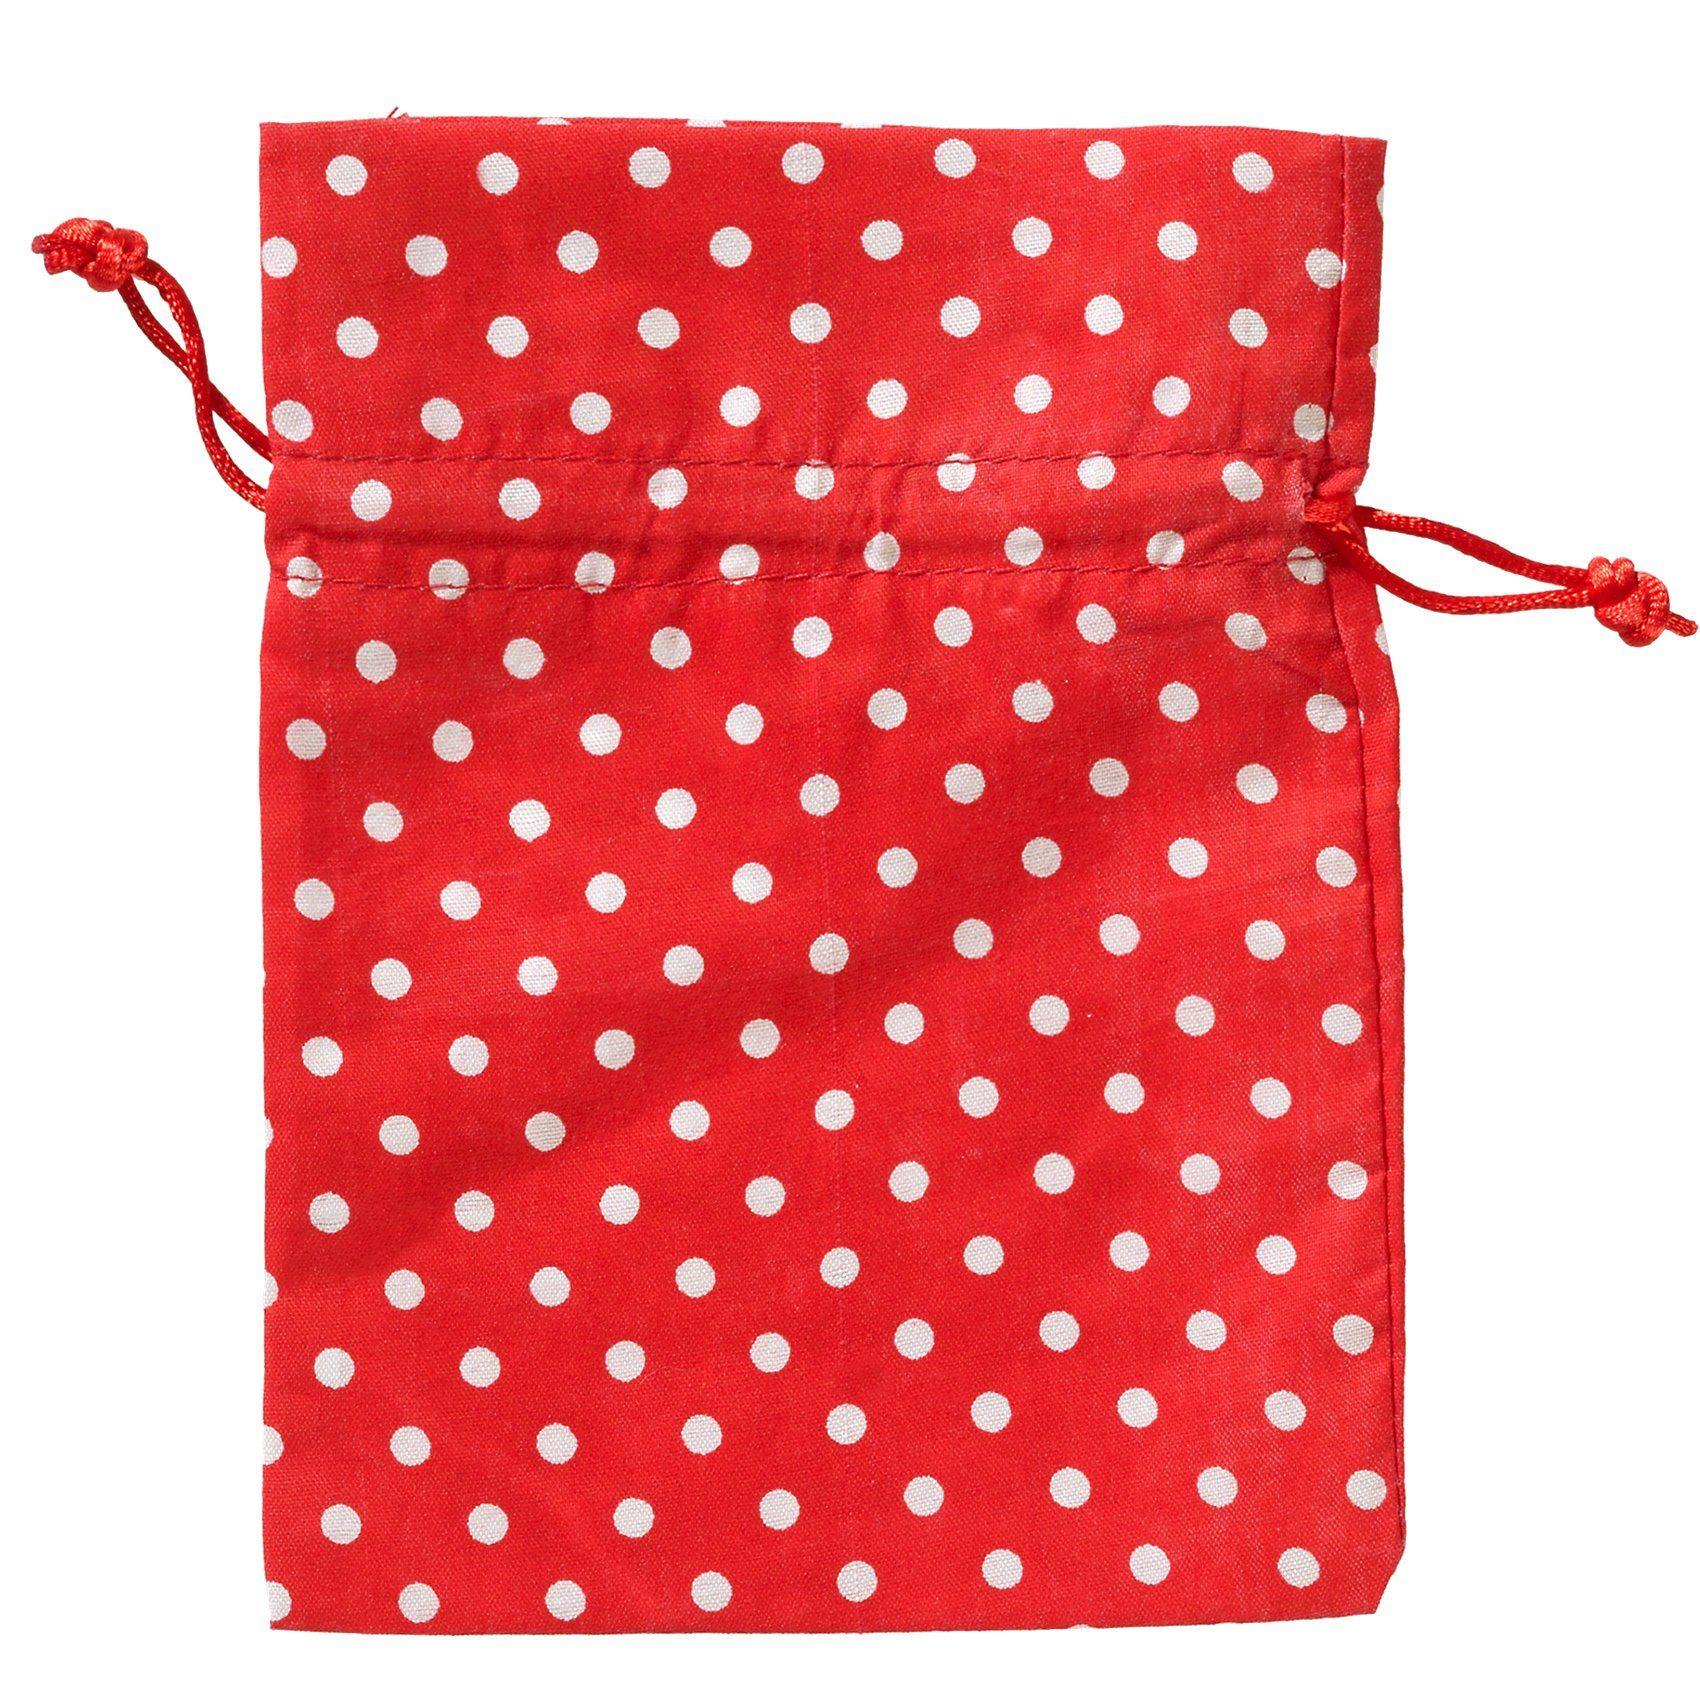 Hotex Stoffbeutel 13 x 18 cm Punkte rot-weiß, 10 Stück